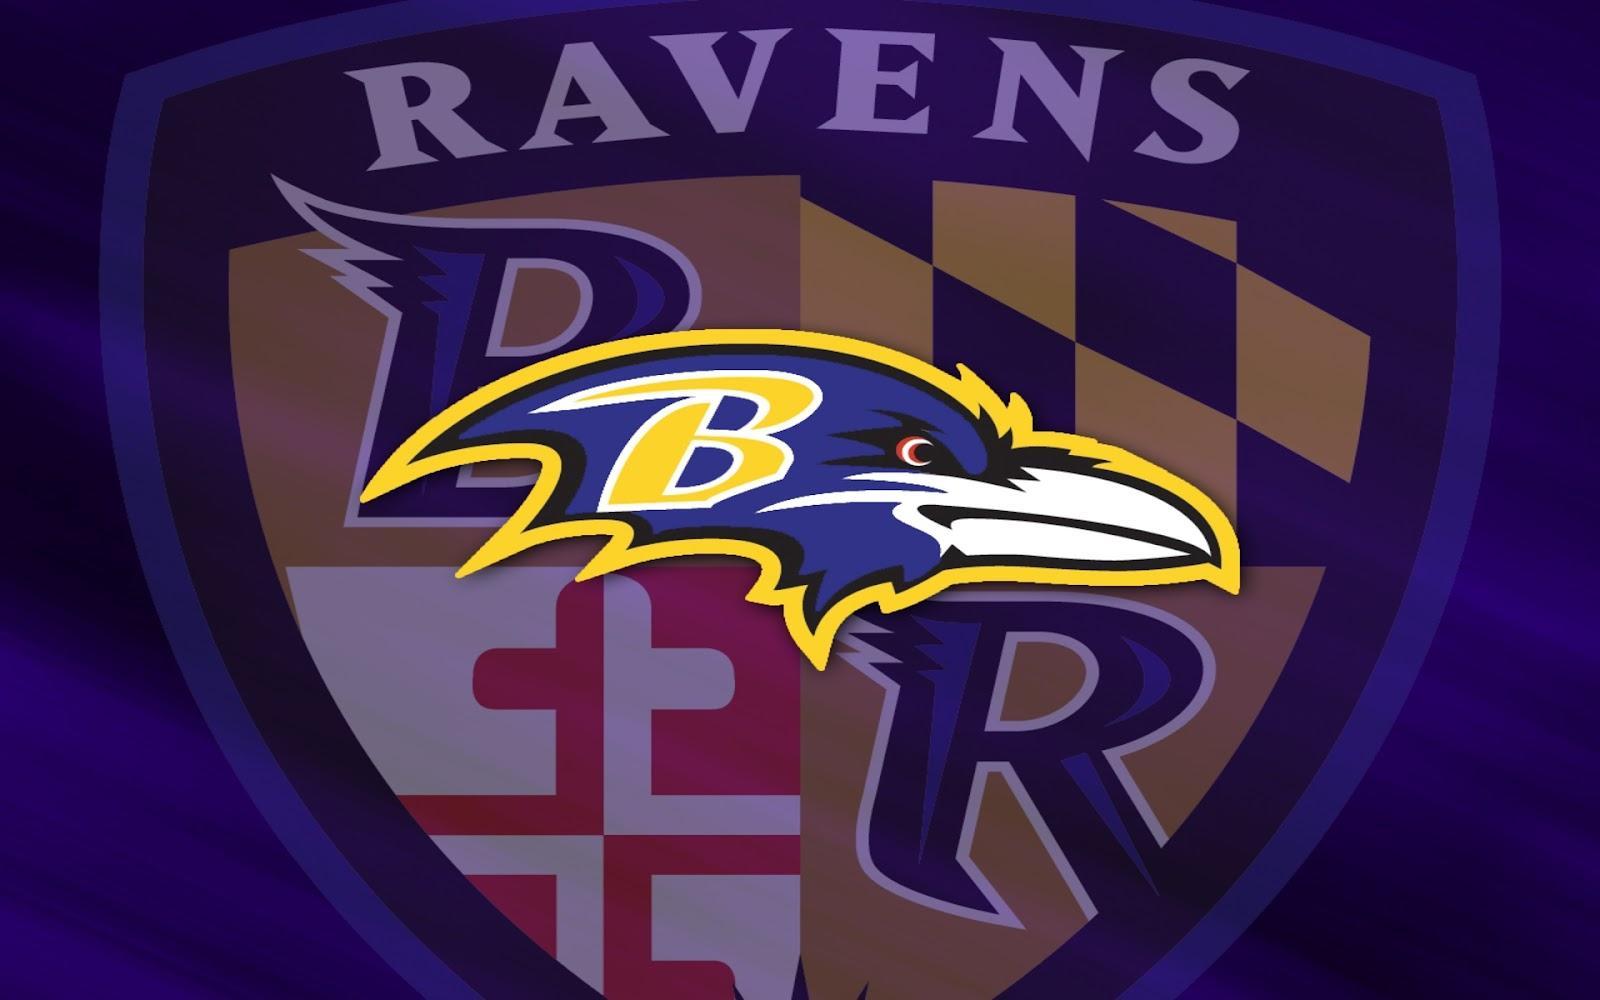 Baltimore Raven sử dụng màu tím làm màu chủ đạo của huy hiệu đội